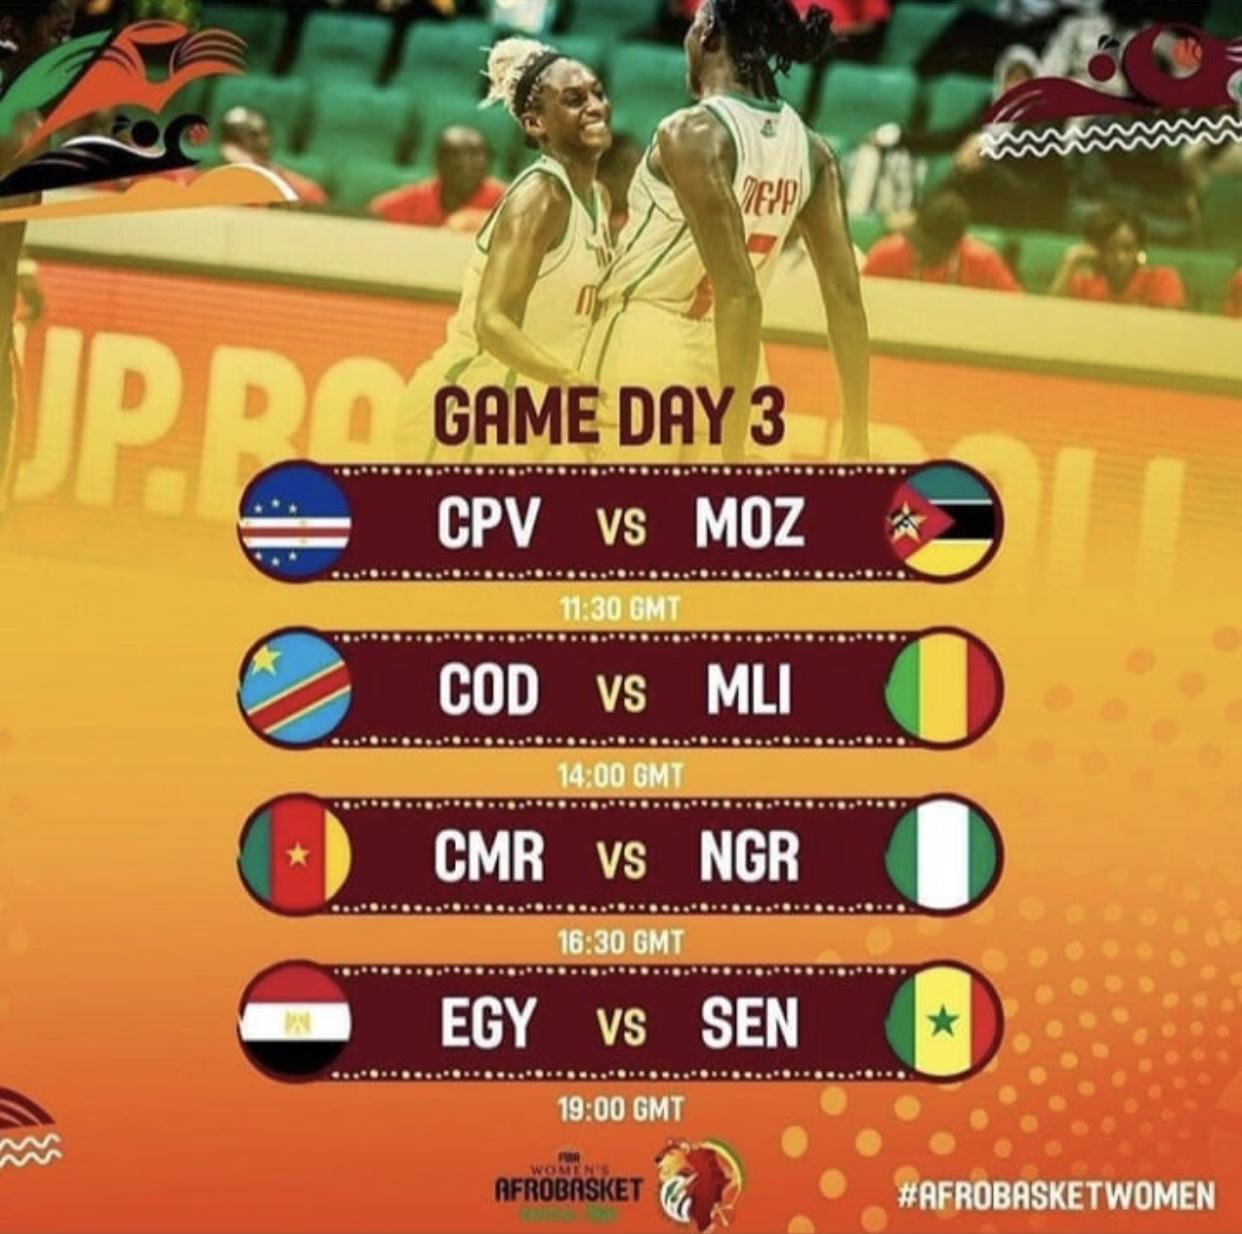 Afrobasket féminin / Programme de la 3ème journée : Les Lionnes affrontent l'Égypte pour un ticket en 1/4 de finale, Le Nigeria et le Mali en déplacement périlleux.